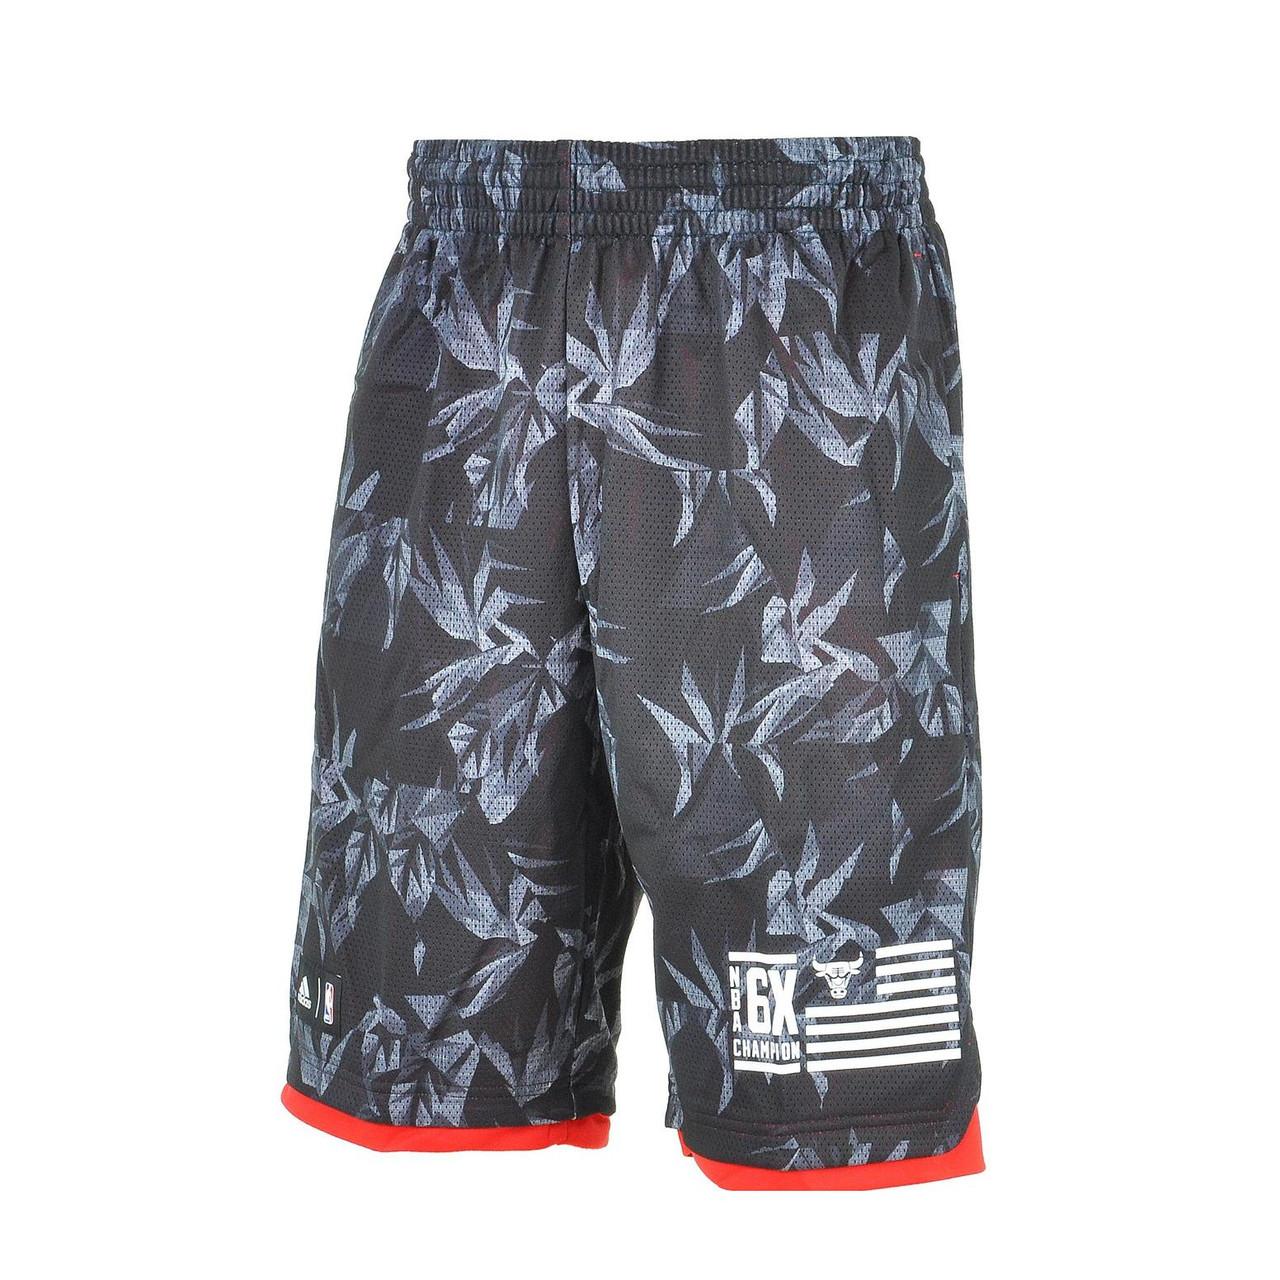 1740aa02 Шорты баскетбольные мужские adidas NBA Bulls Shorts AH5065 (серые,  полиэстер, для тренировок,